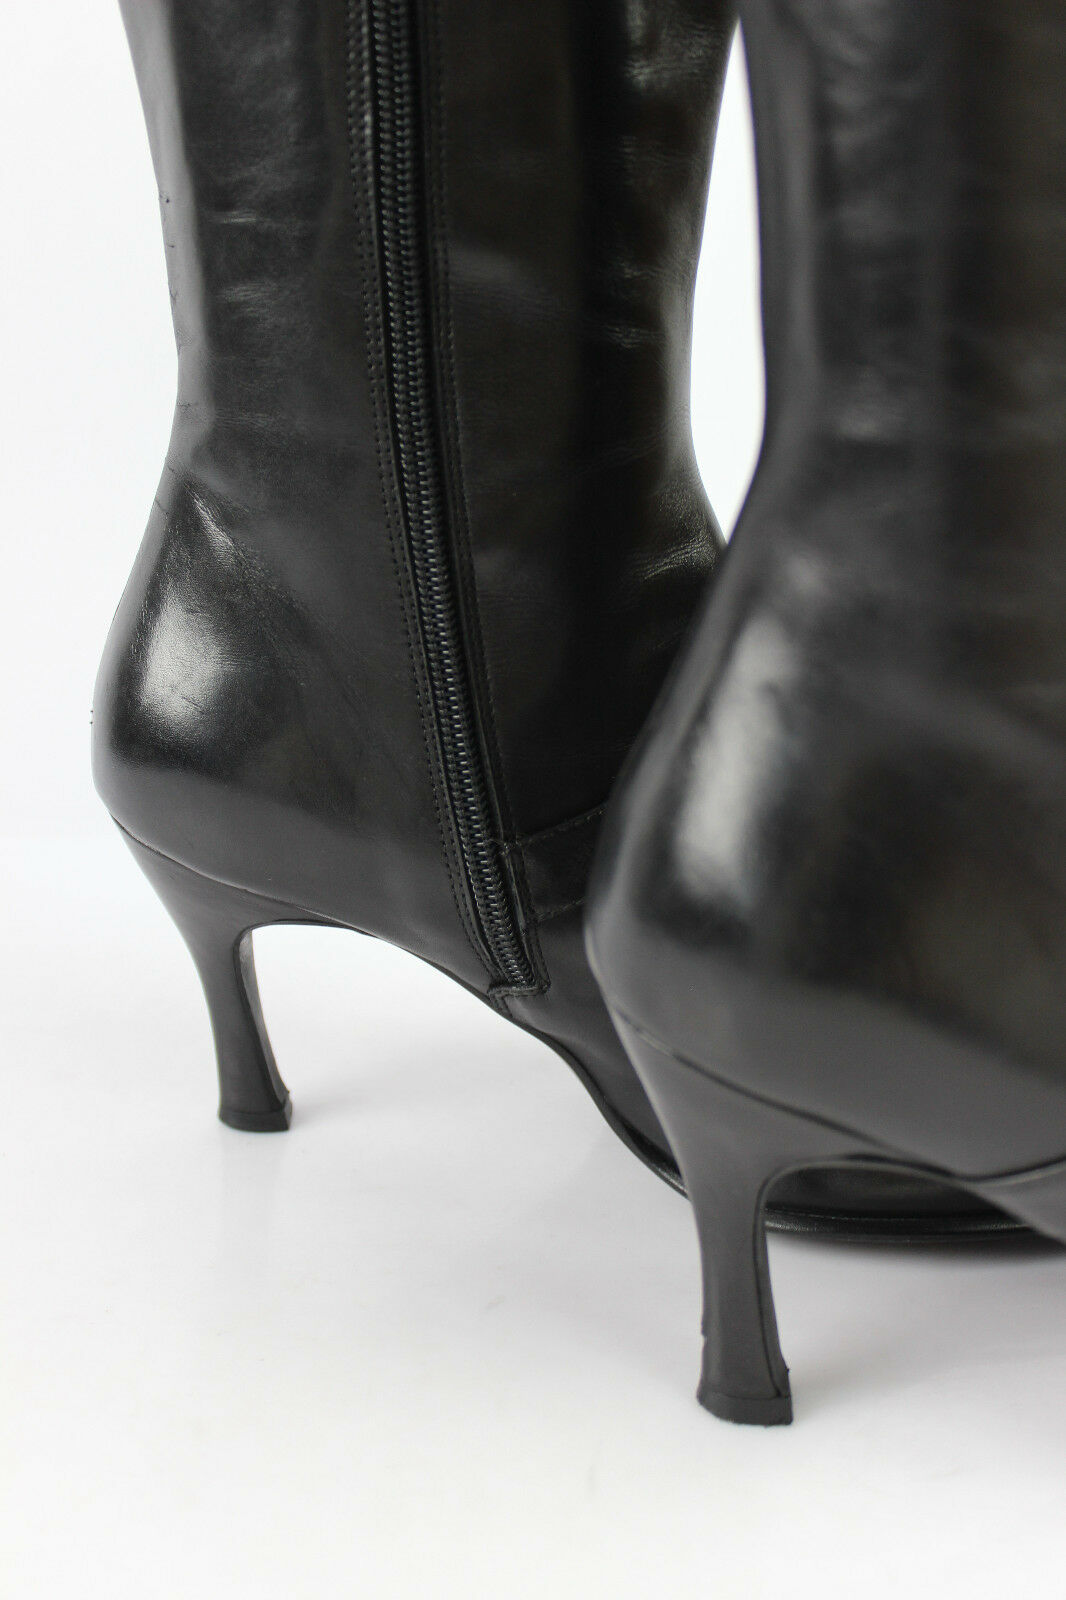 Mi Stiefel sciuscià t VENUE D'AILLEURS schwarzes Leder t sciuscià 38 sehr guter Zustand 7e1bab